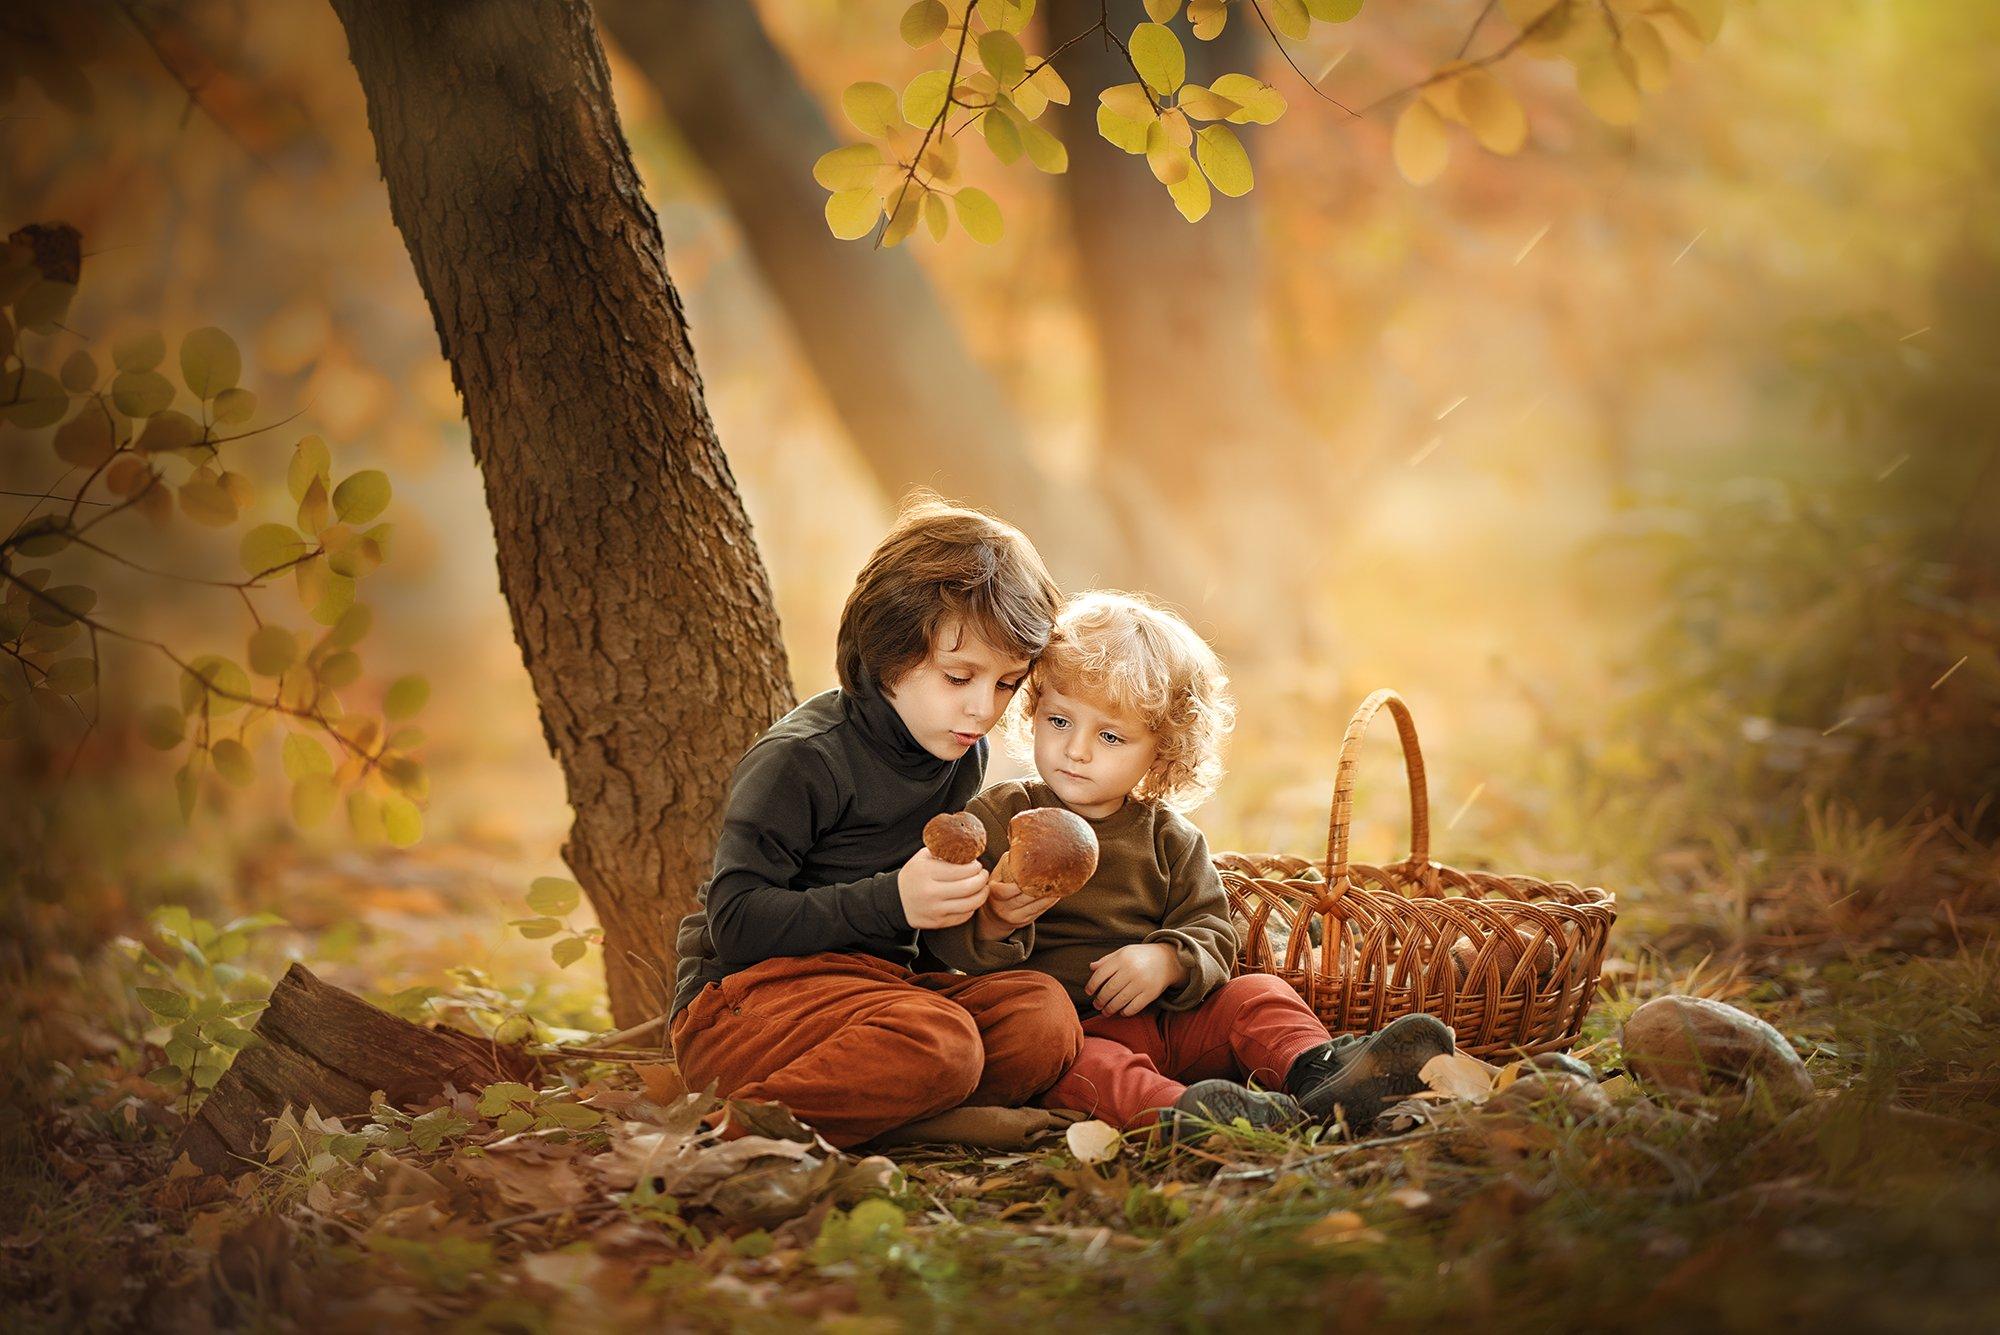 мальчики, дети, братья, осень, грибники, грибы, листва, корзина, Ярослава Громова